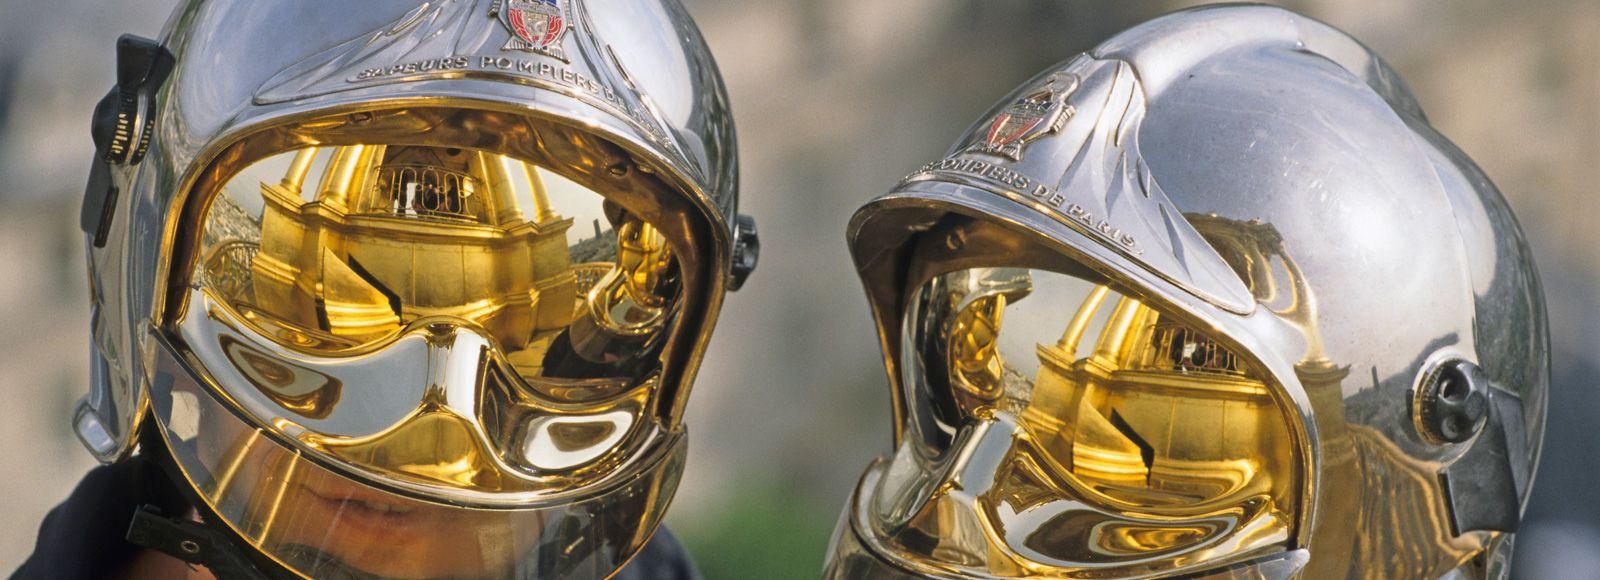 casques-pompiers